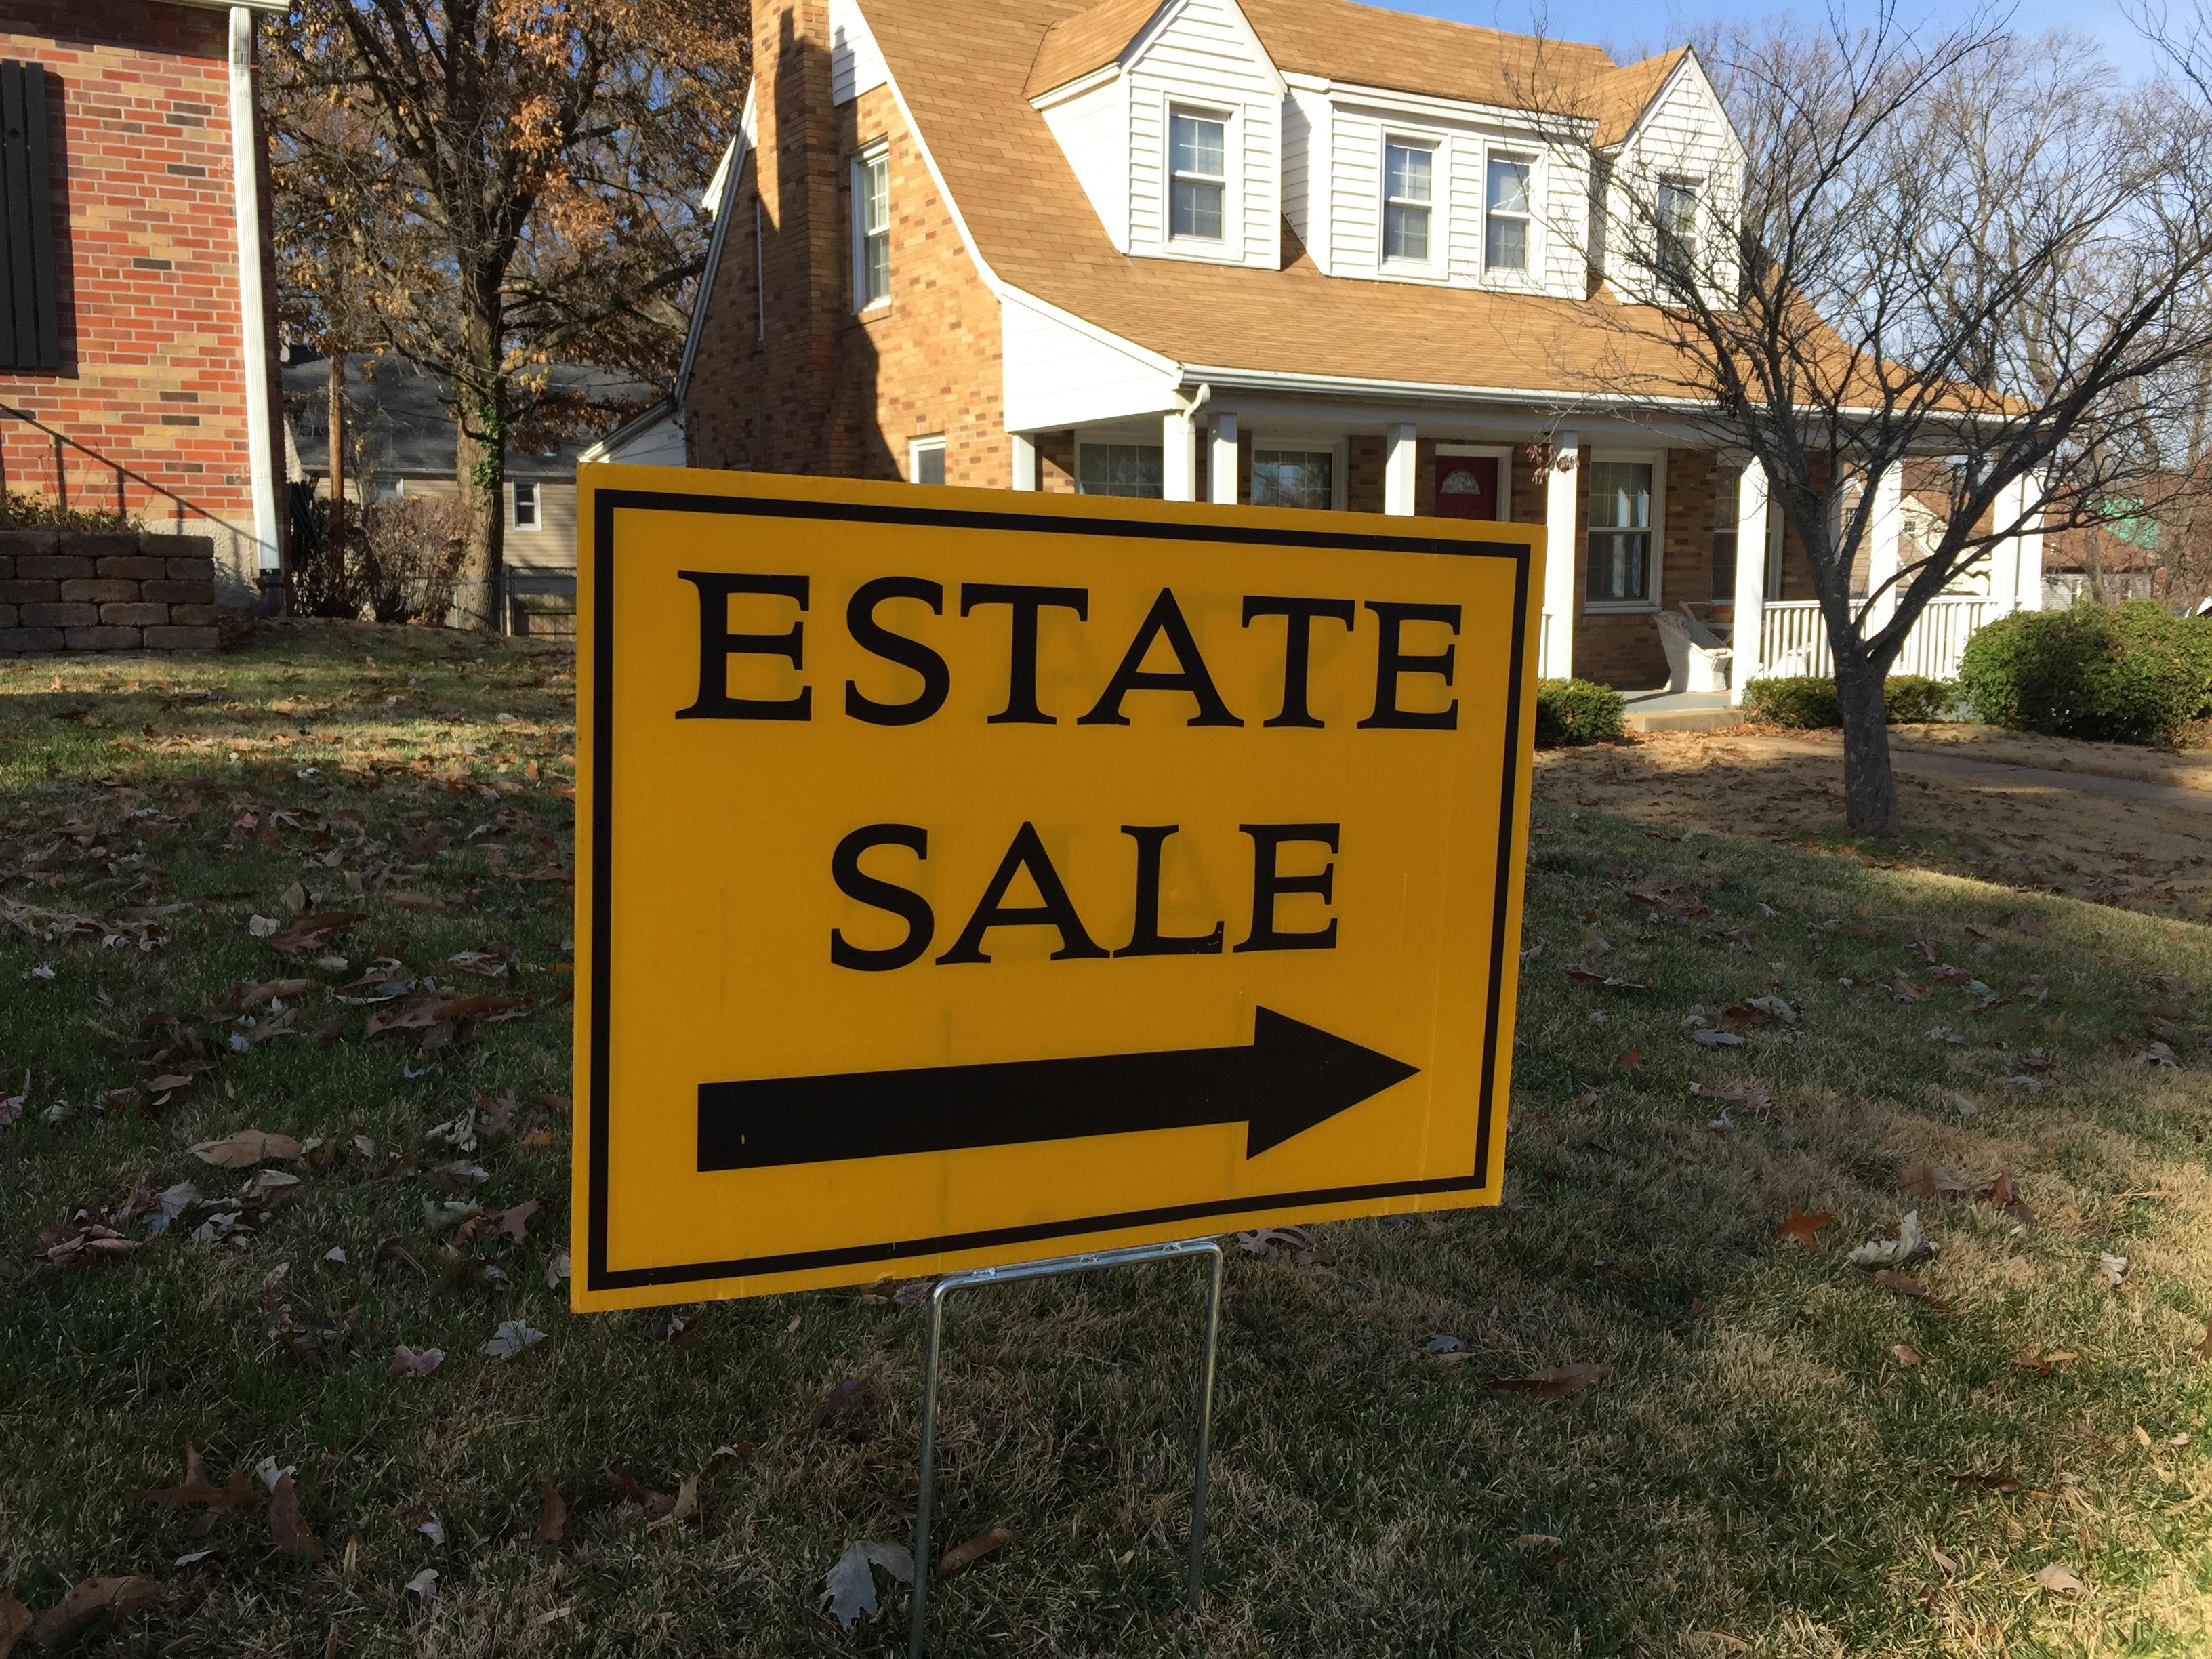 Tour: Estate Sales